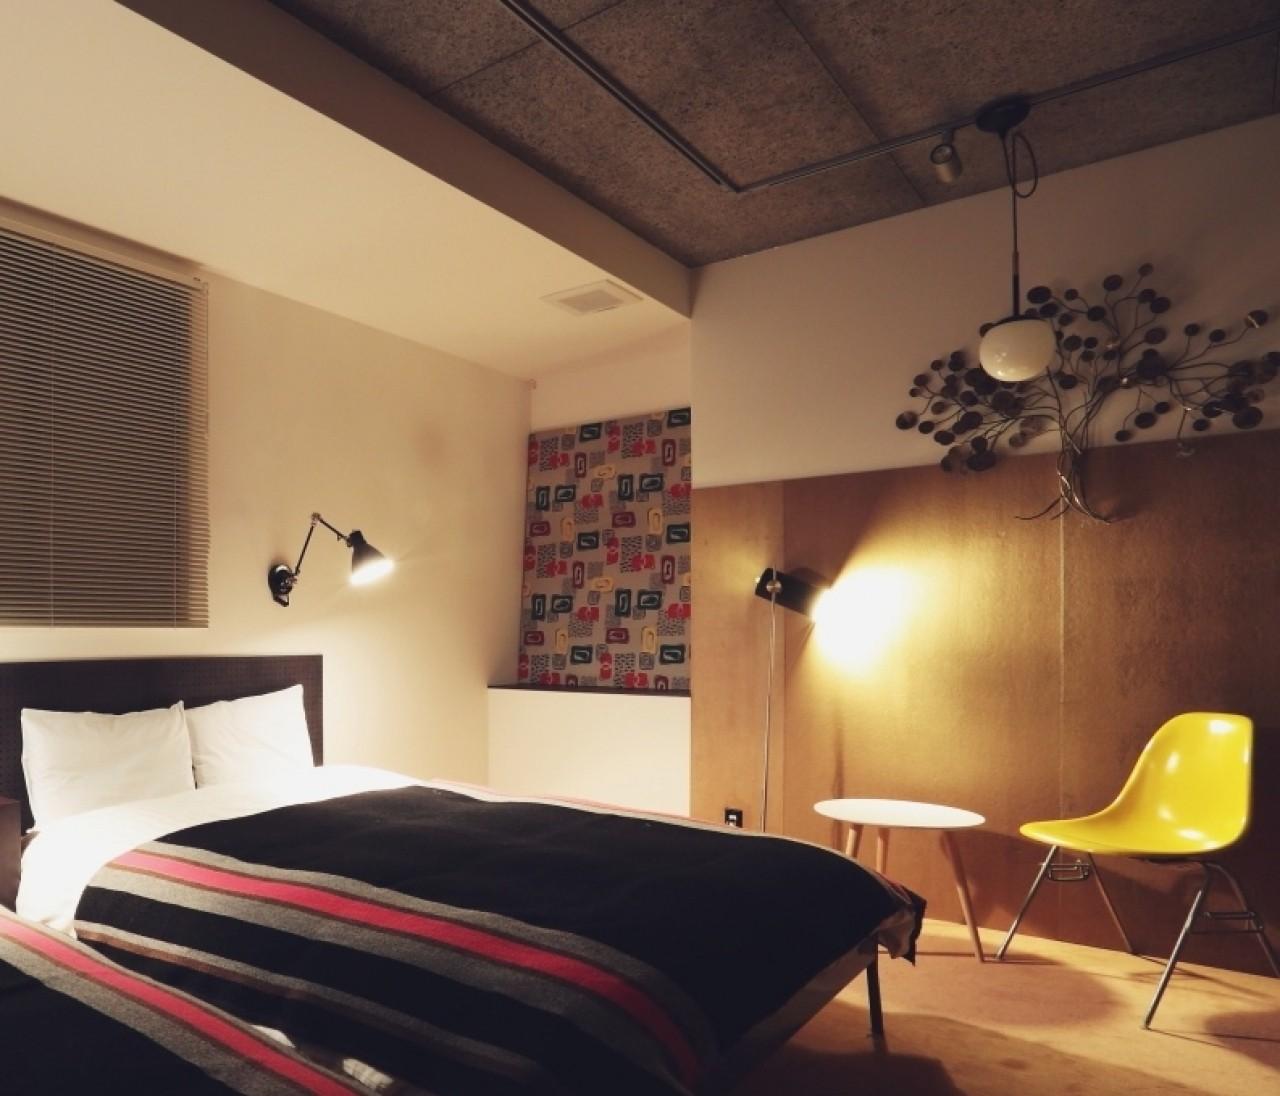 全室異なるインテリアが素敵!大阪のコンセプトホテル①【関西のイケスポ】